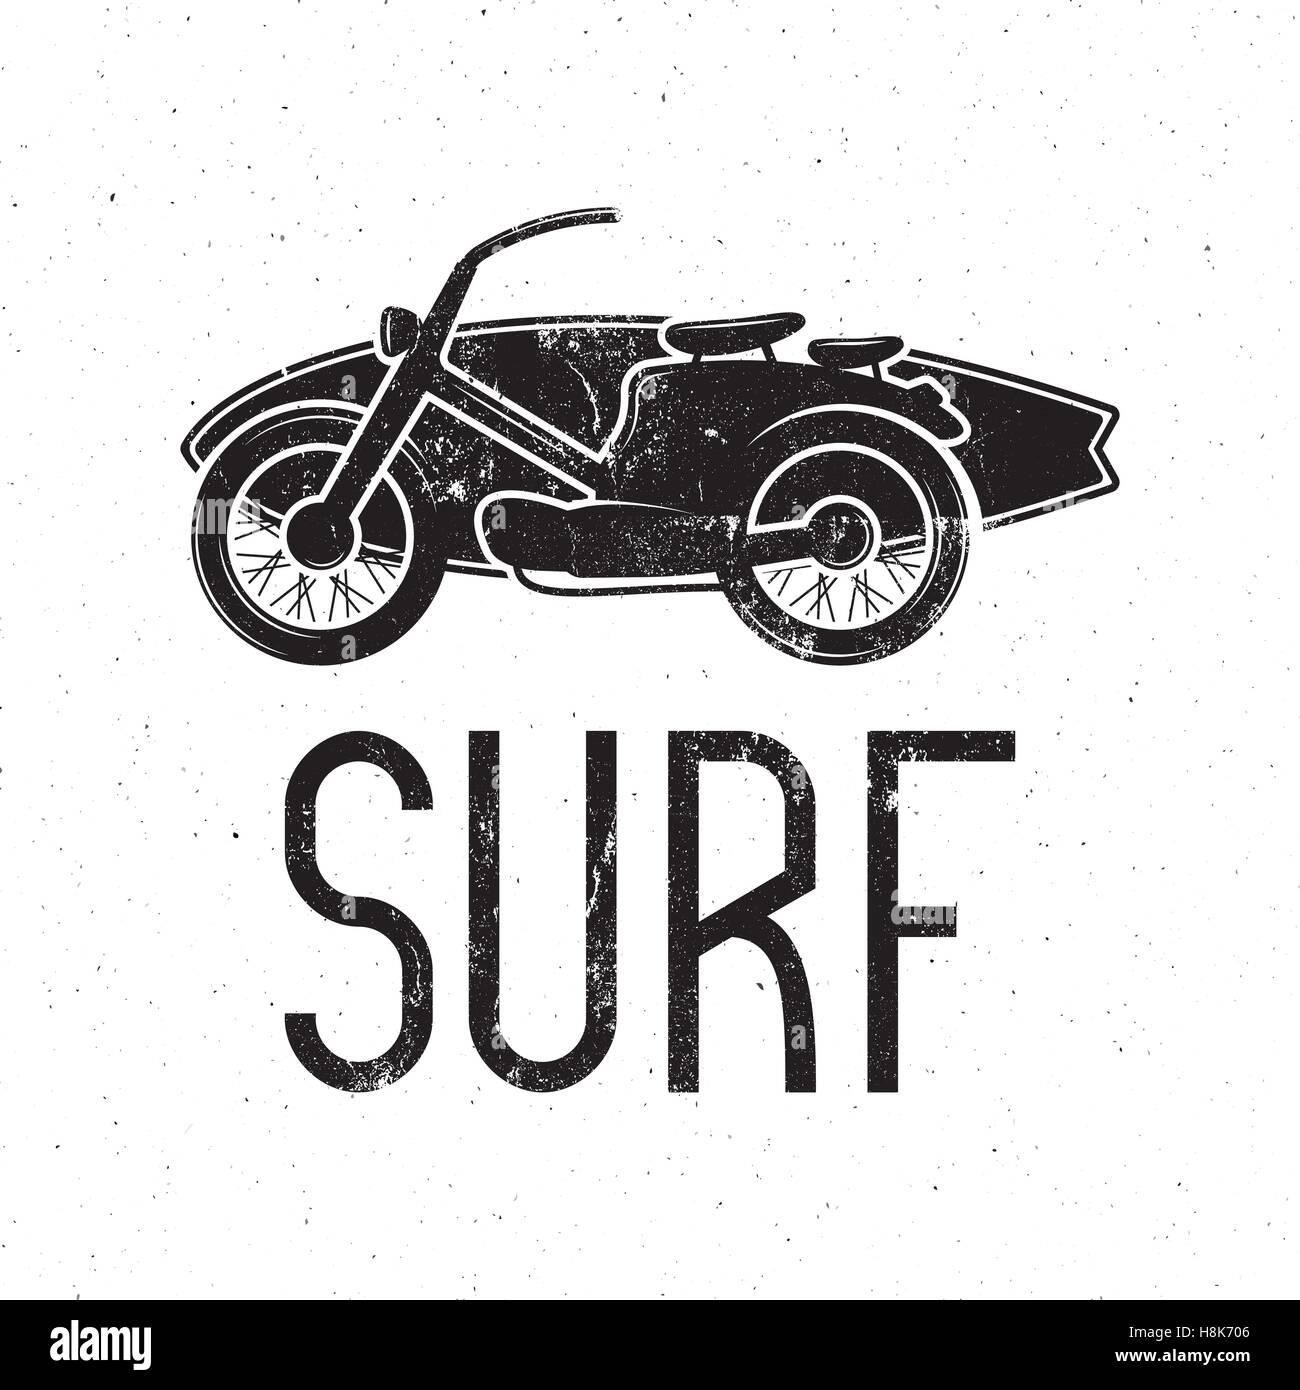 Design car emblem - Stock Vector Vintage Surfing Tee Design Retro Surf Fest T Shirt Graphics And Emblem For Web Design Or Print Surfer Motorcycle Logo Design Surf Badge